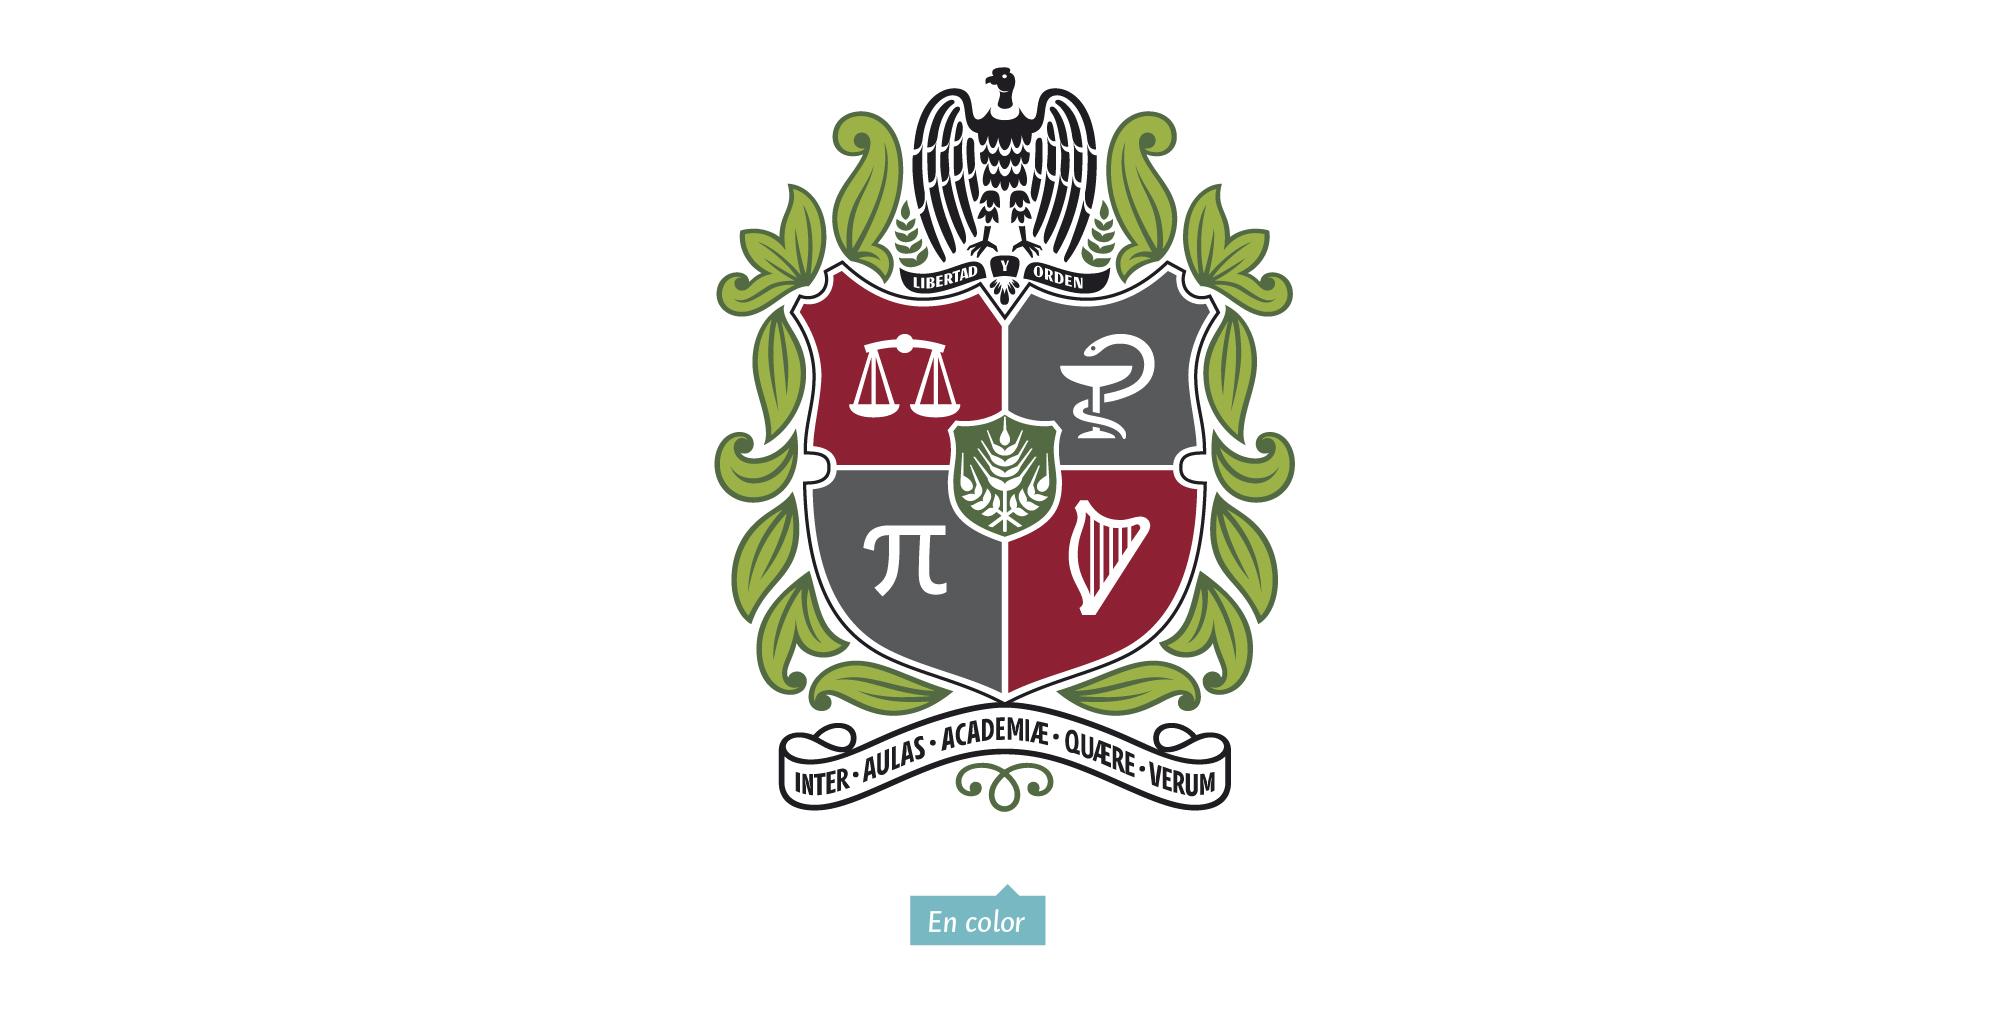 B1 Elementos De Identidad Visual Identidad Universidad Nacional De Colombia